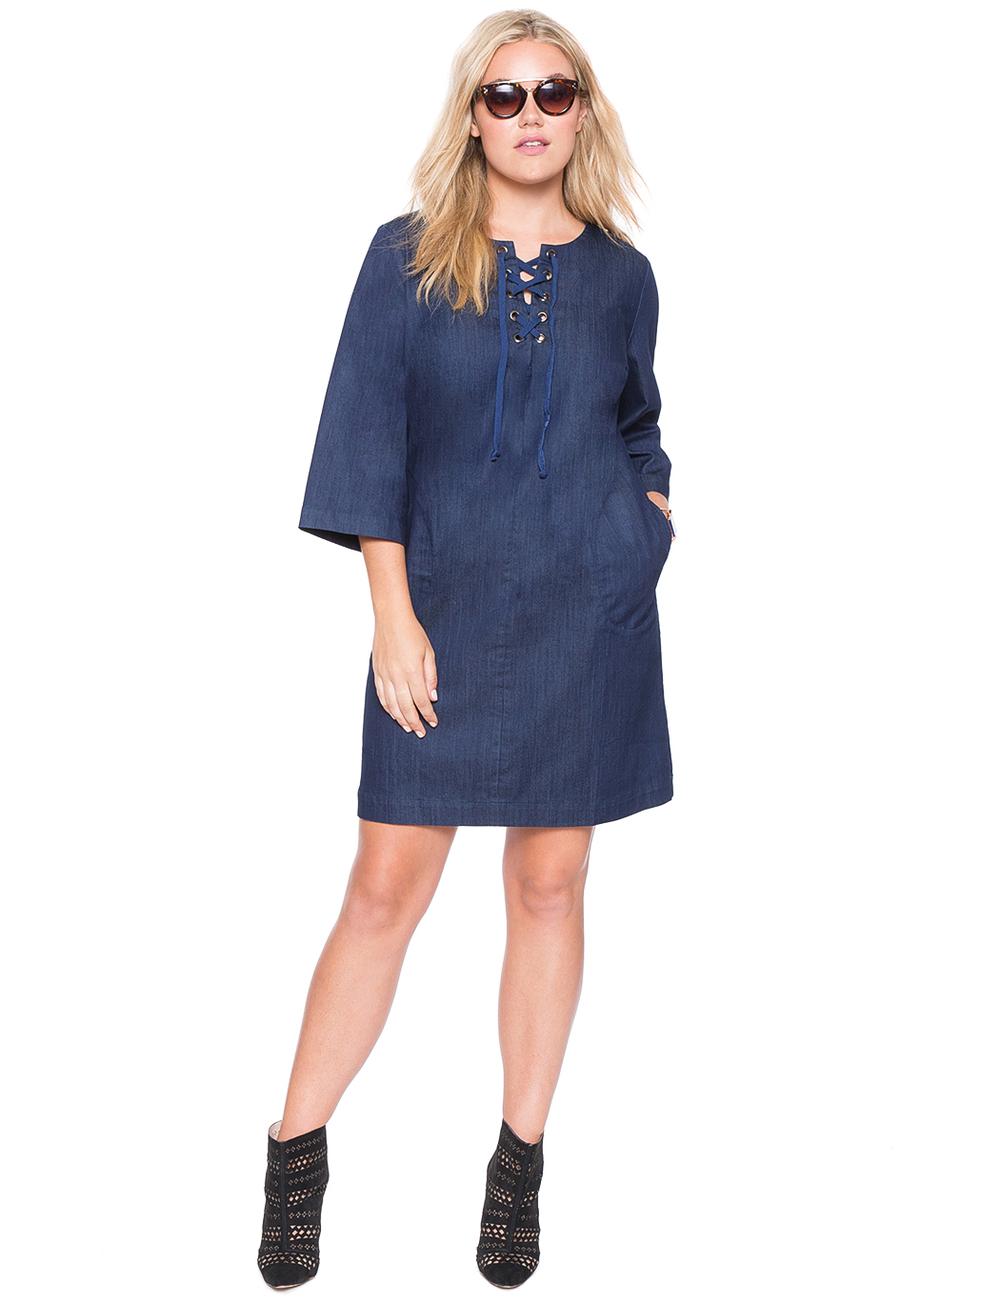 Laced Denim Dress. Eloquii. $89.90.